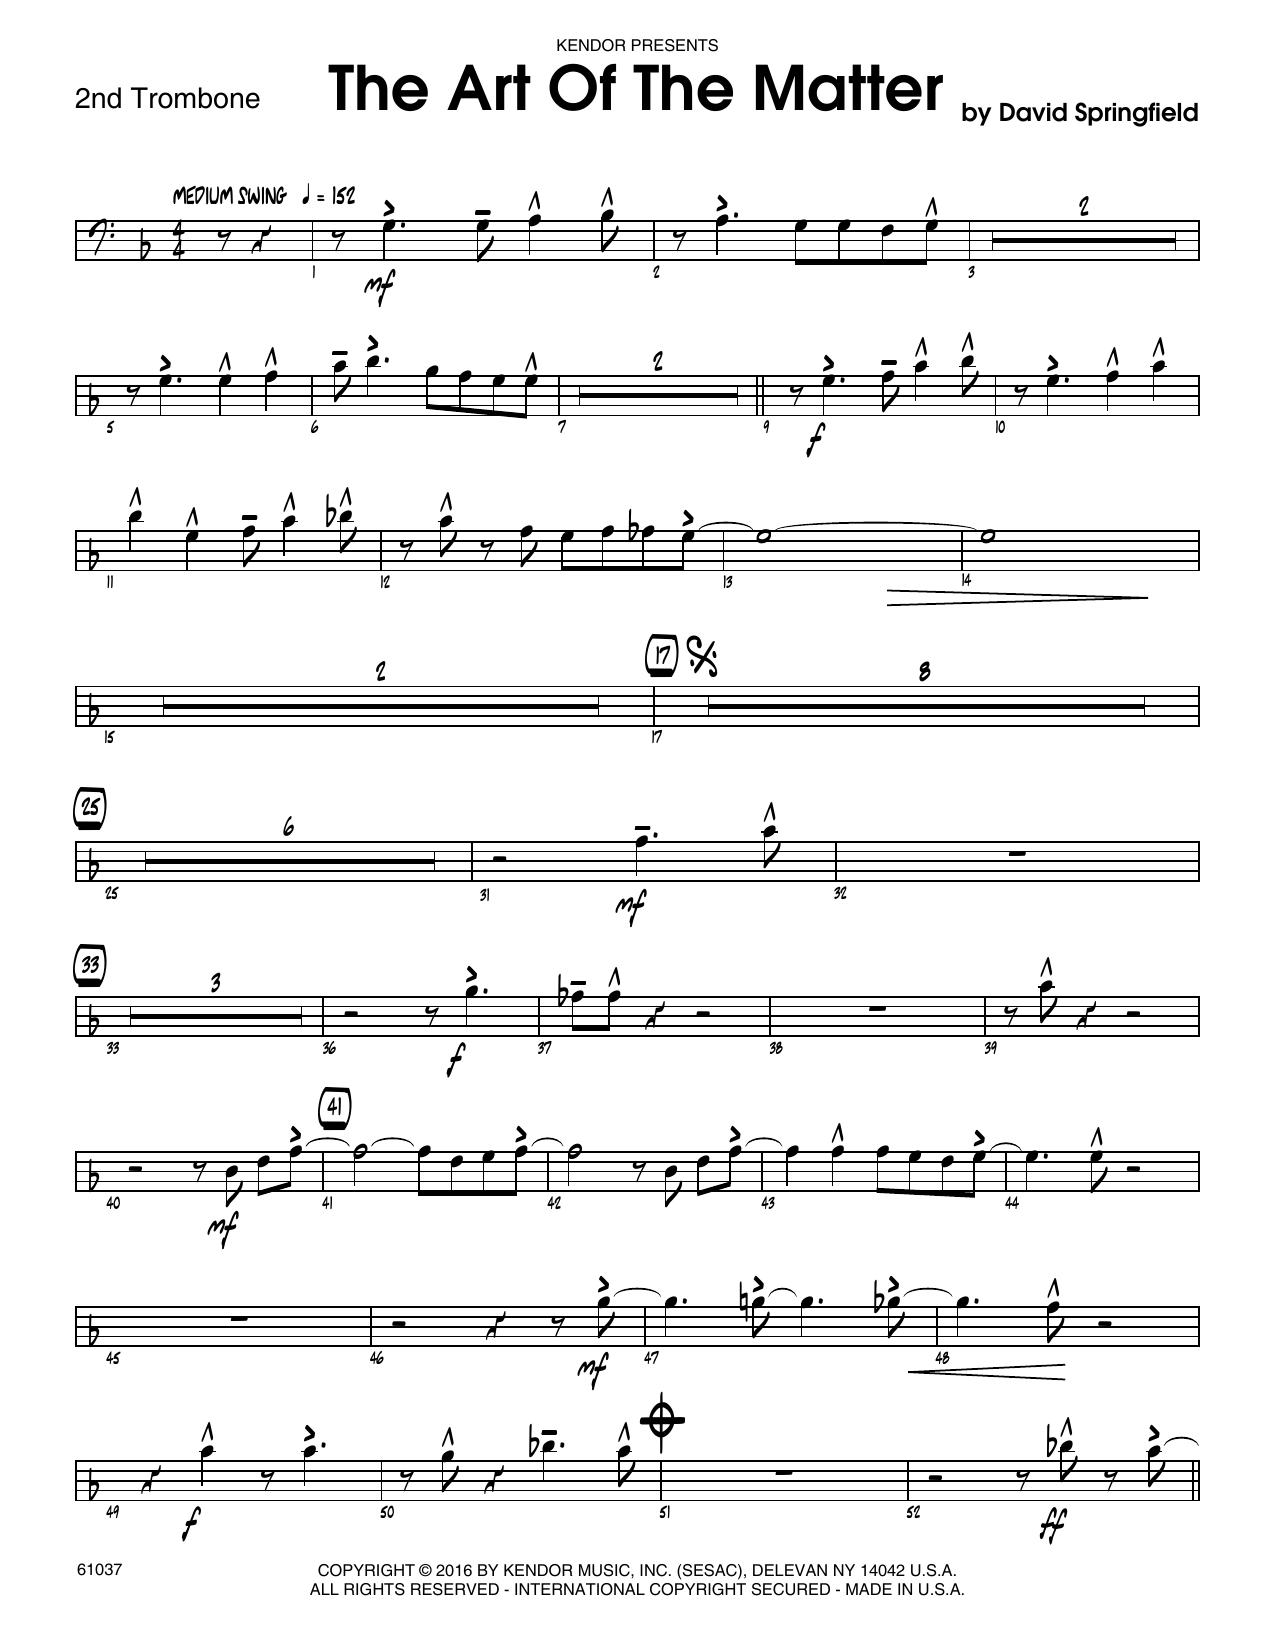 The Art Of The Matter - 2nd Trombone Sheet Music